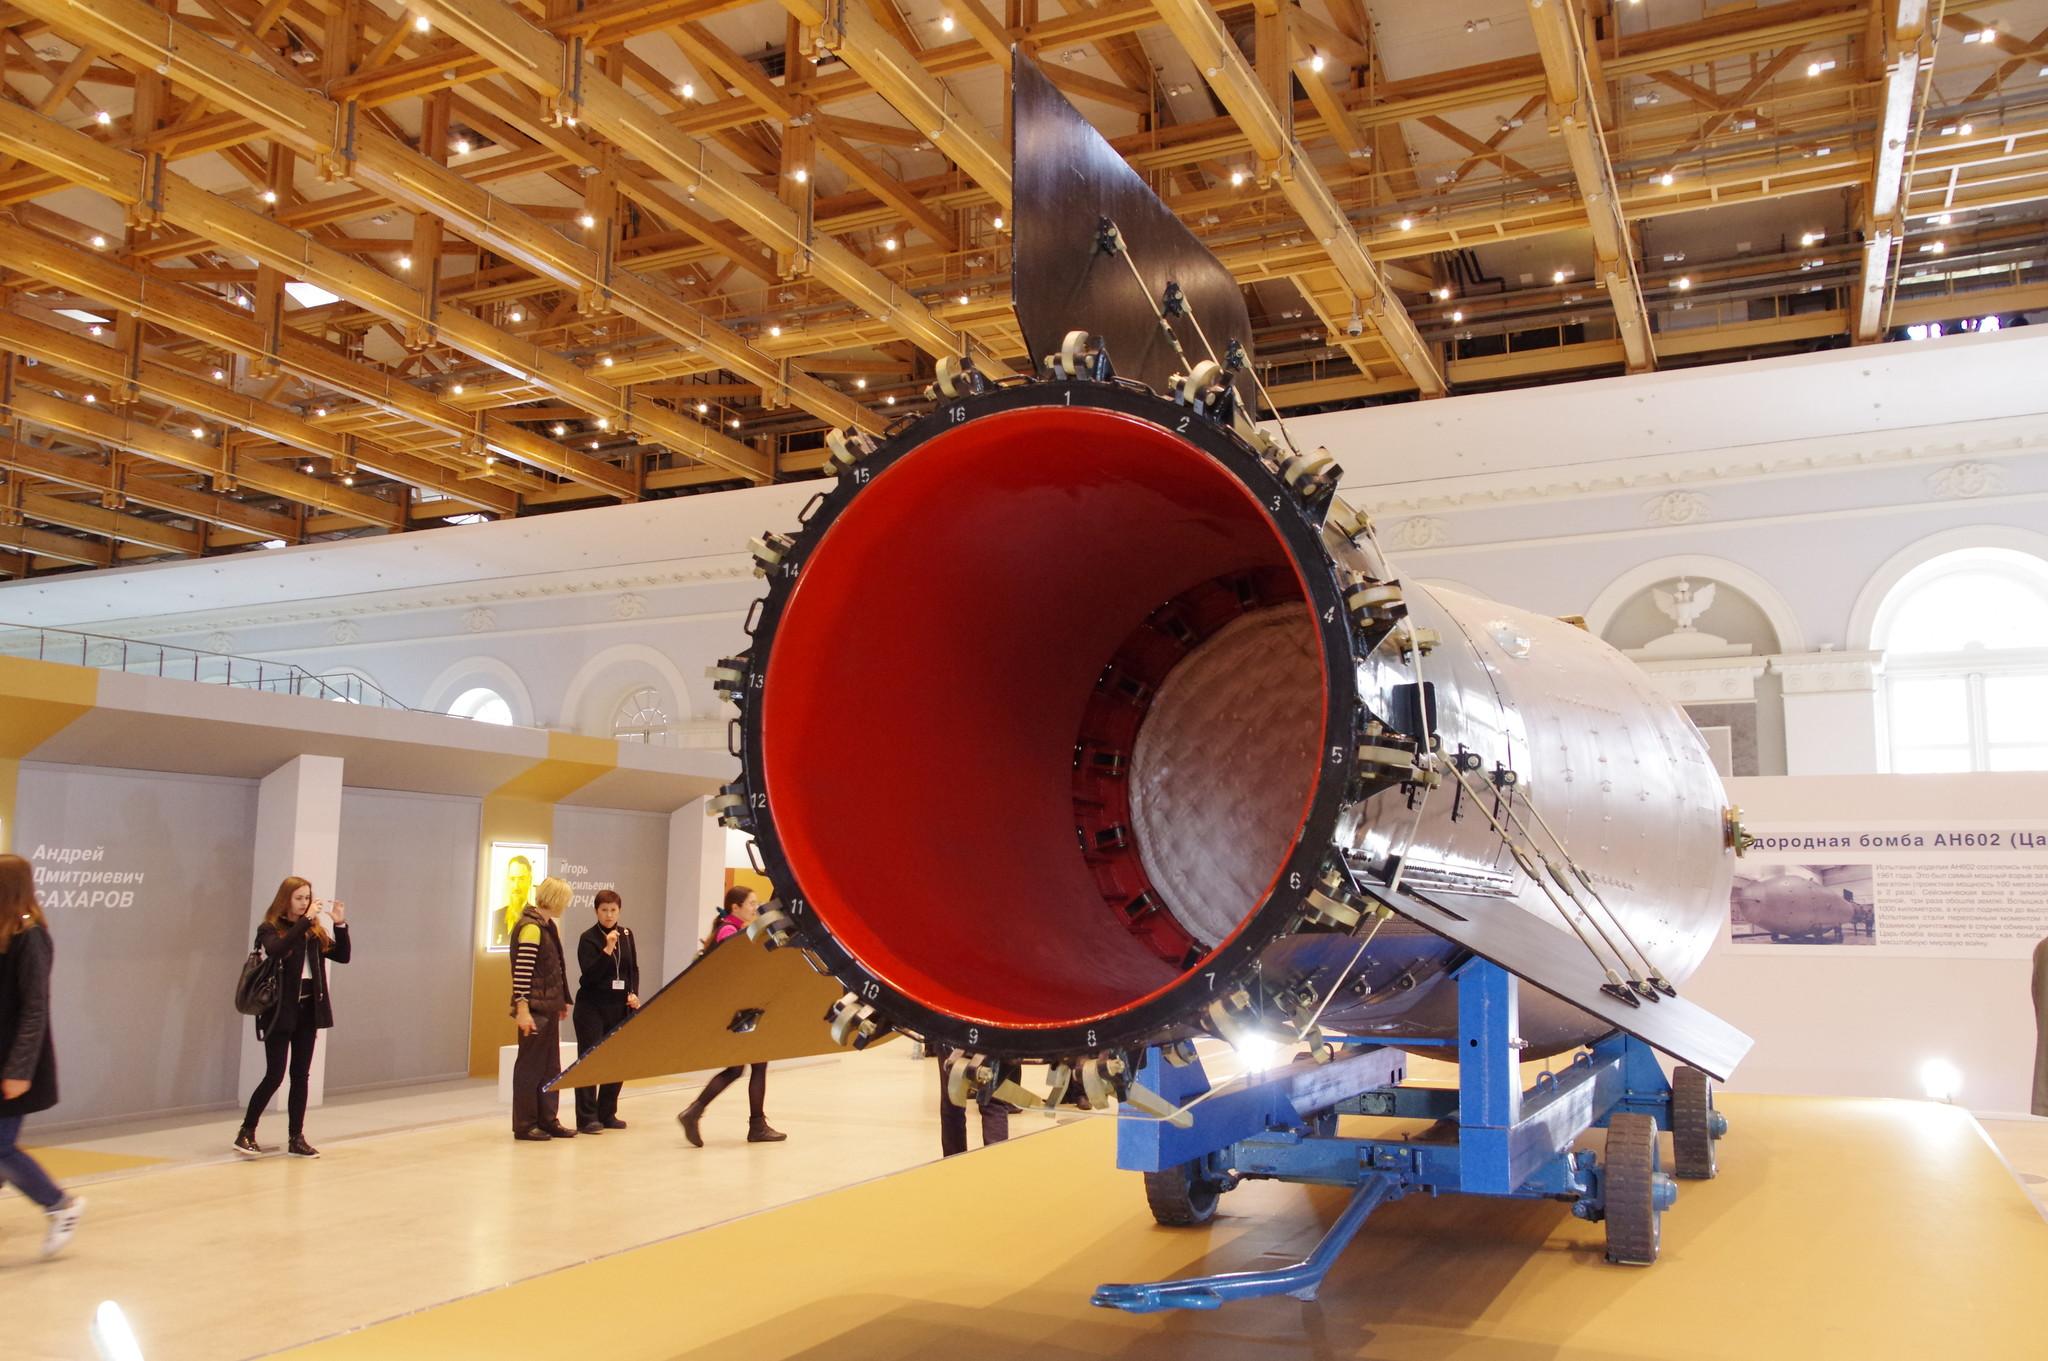 Термоядерная авиационная бомба АН602